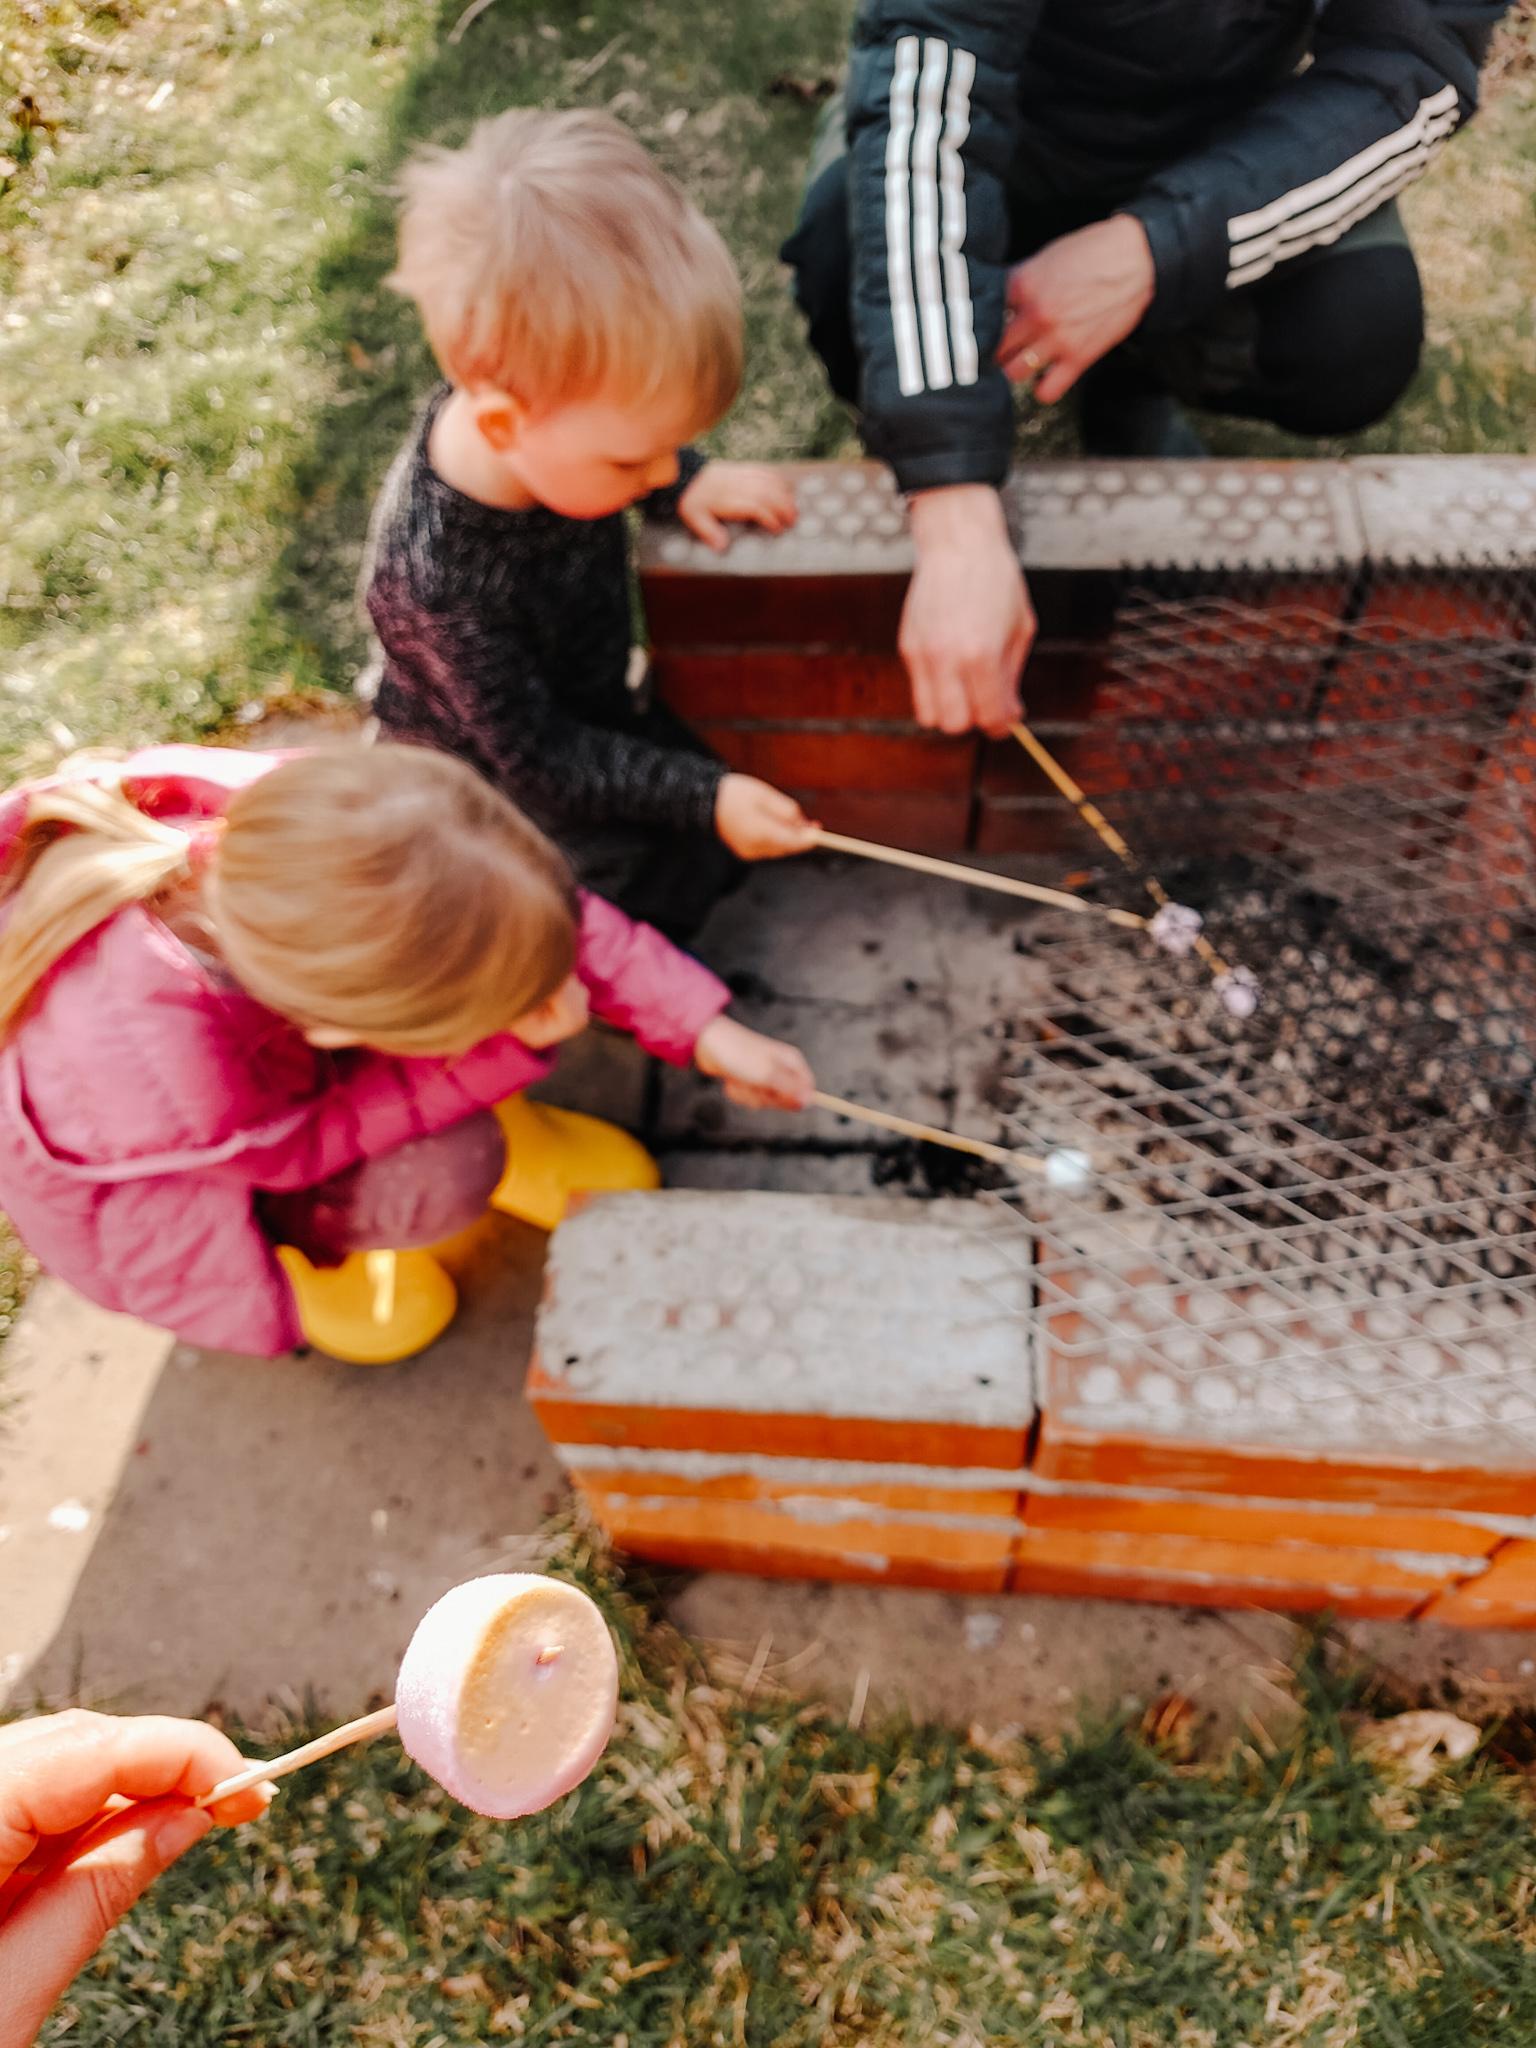 vaahtokarkit grillissä